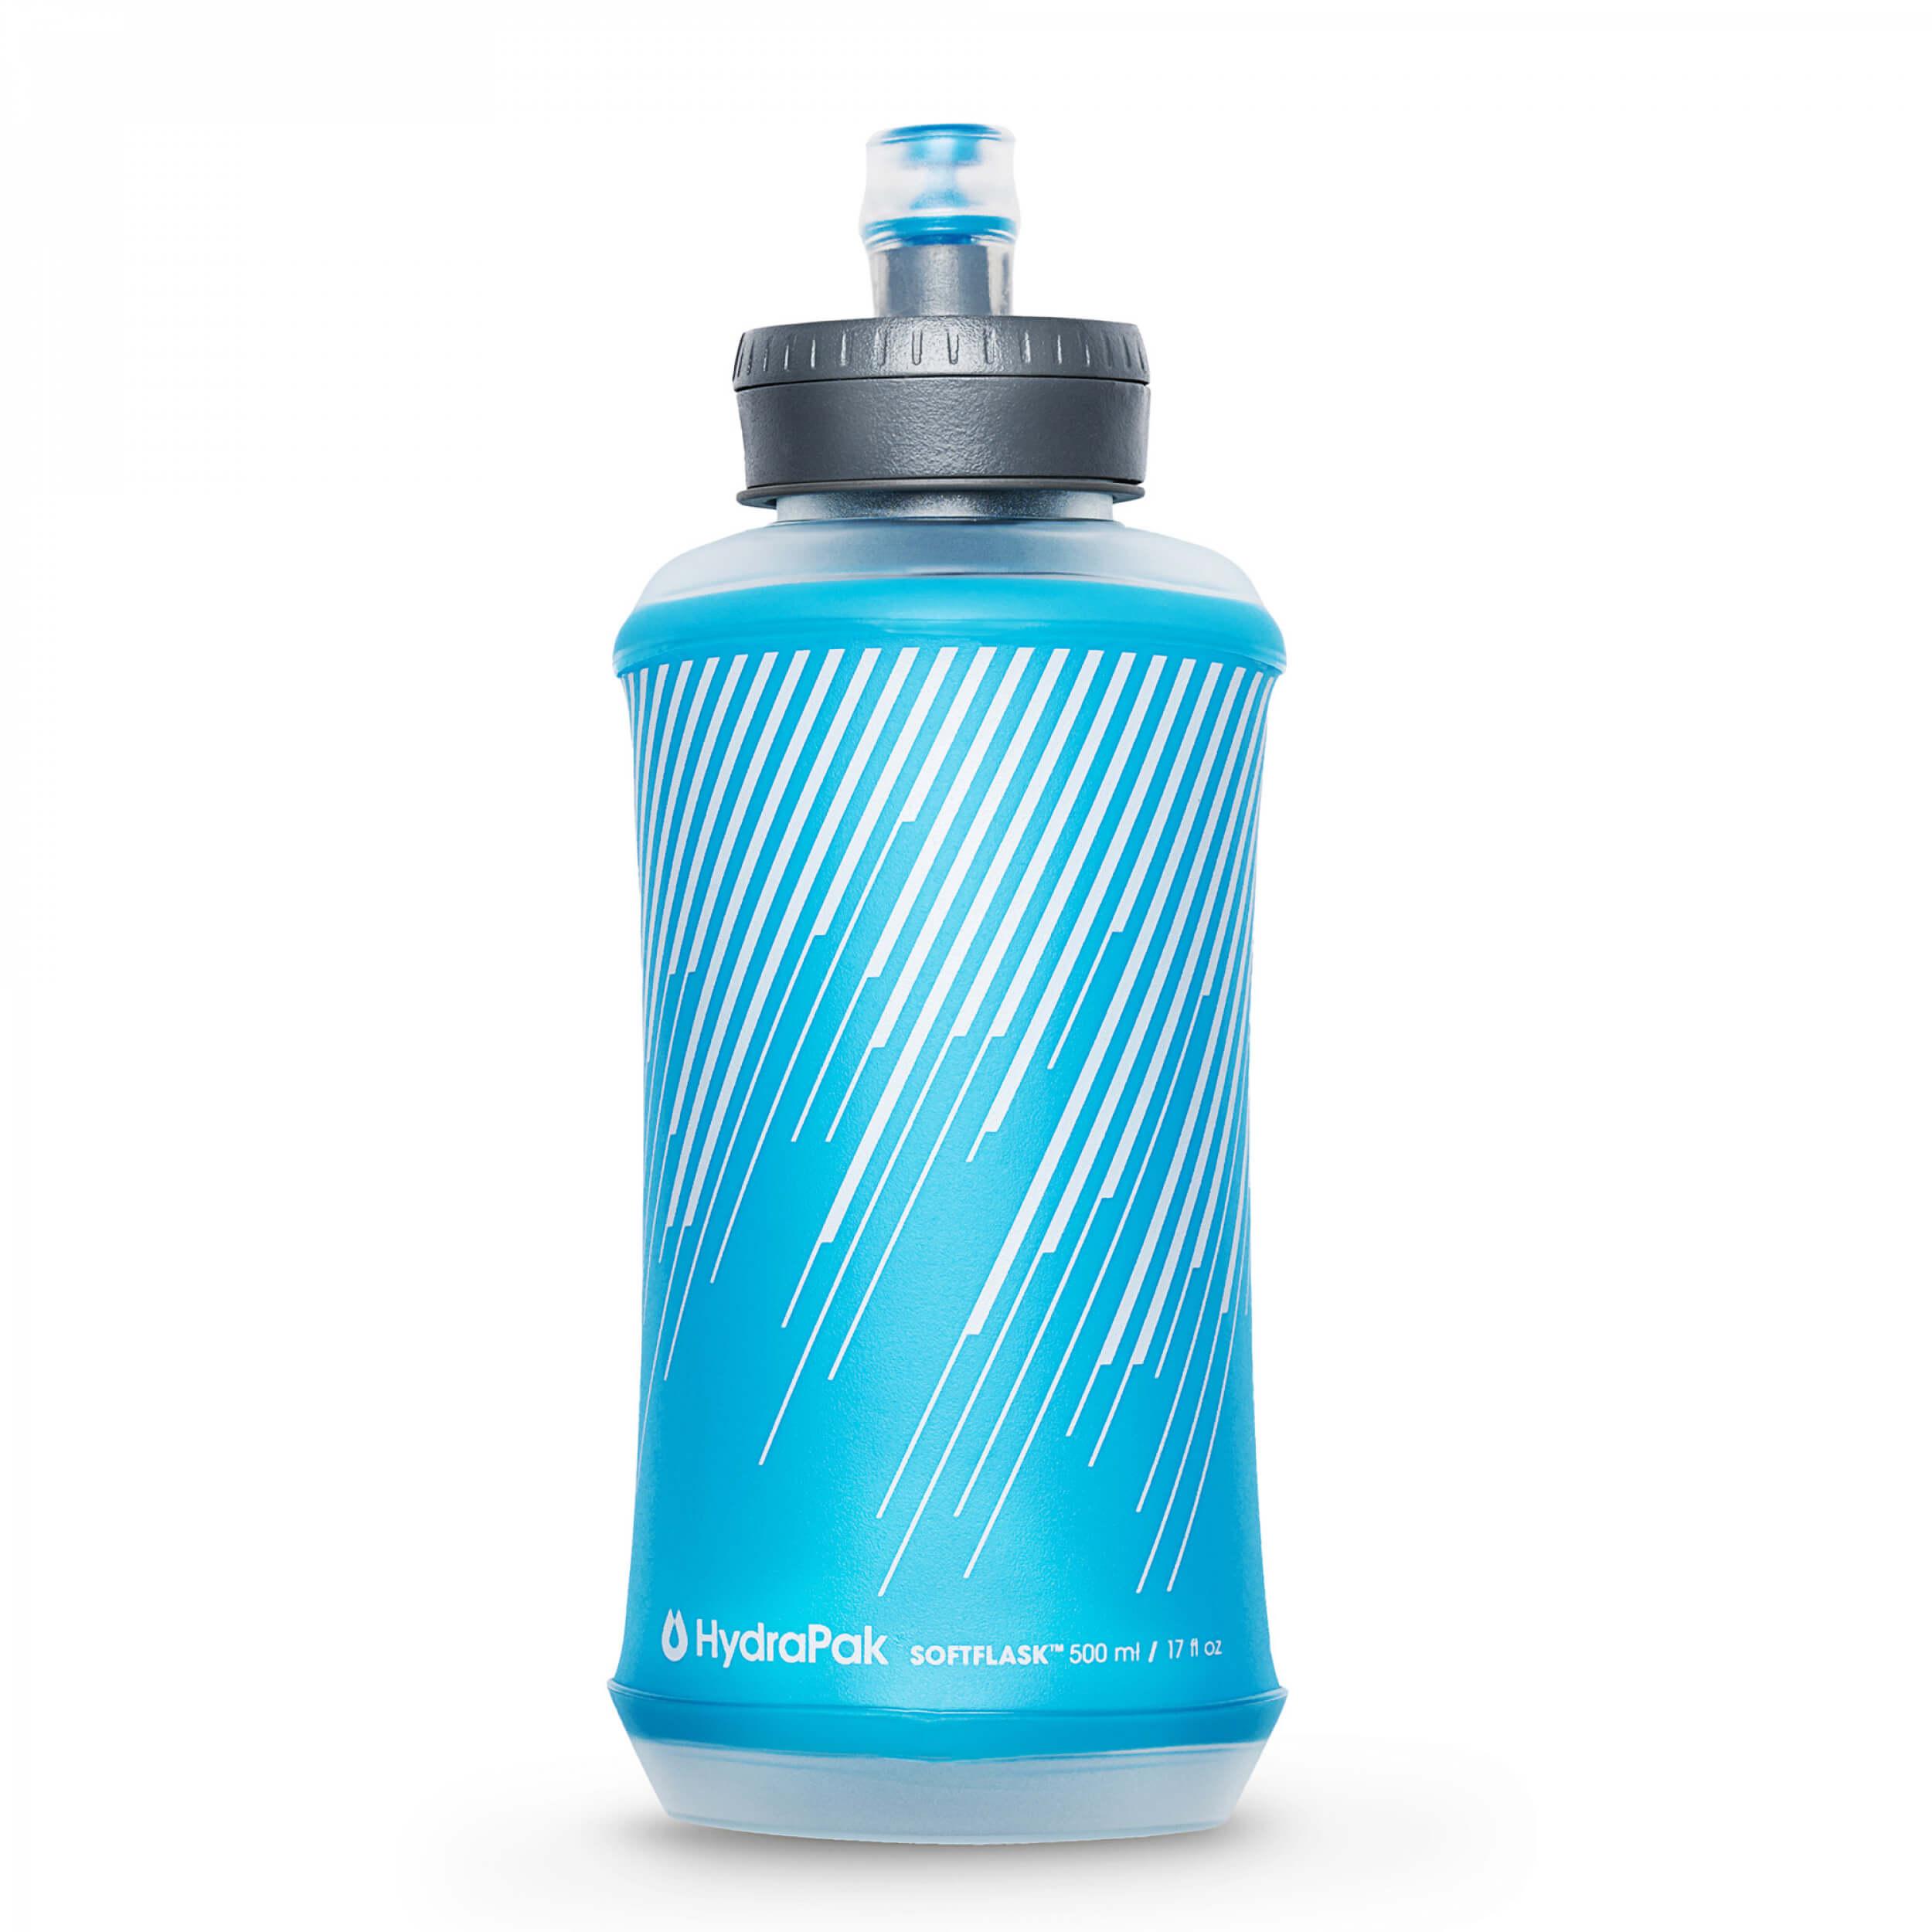 Hydrapak Softflask 500ml